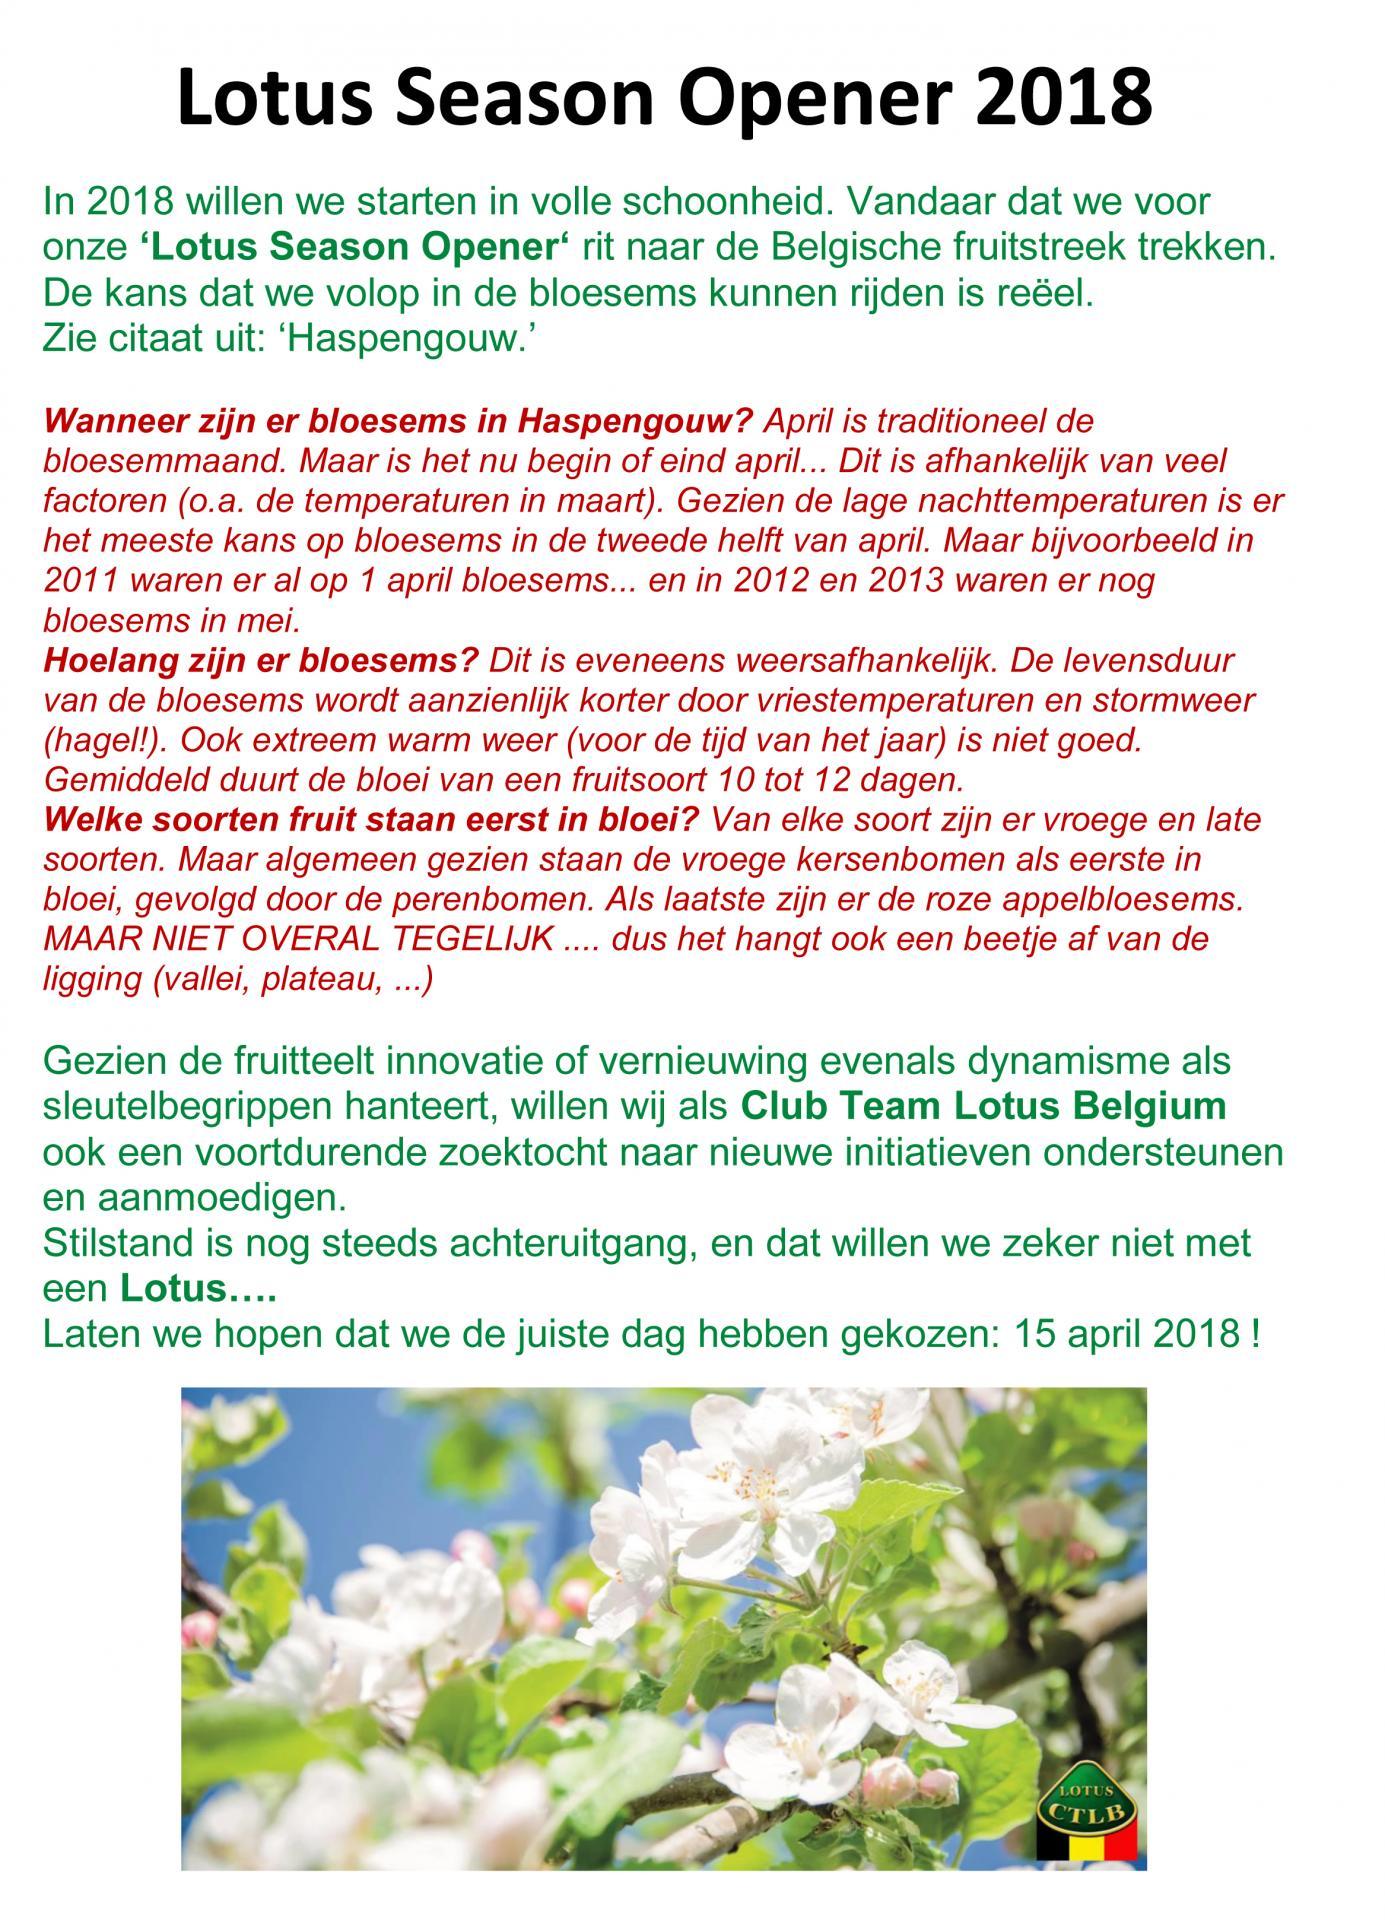 Voorstelling lotus season opener 2018